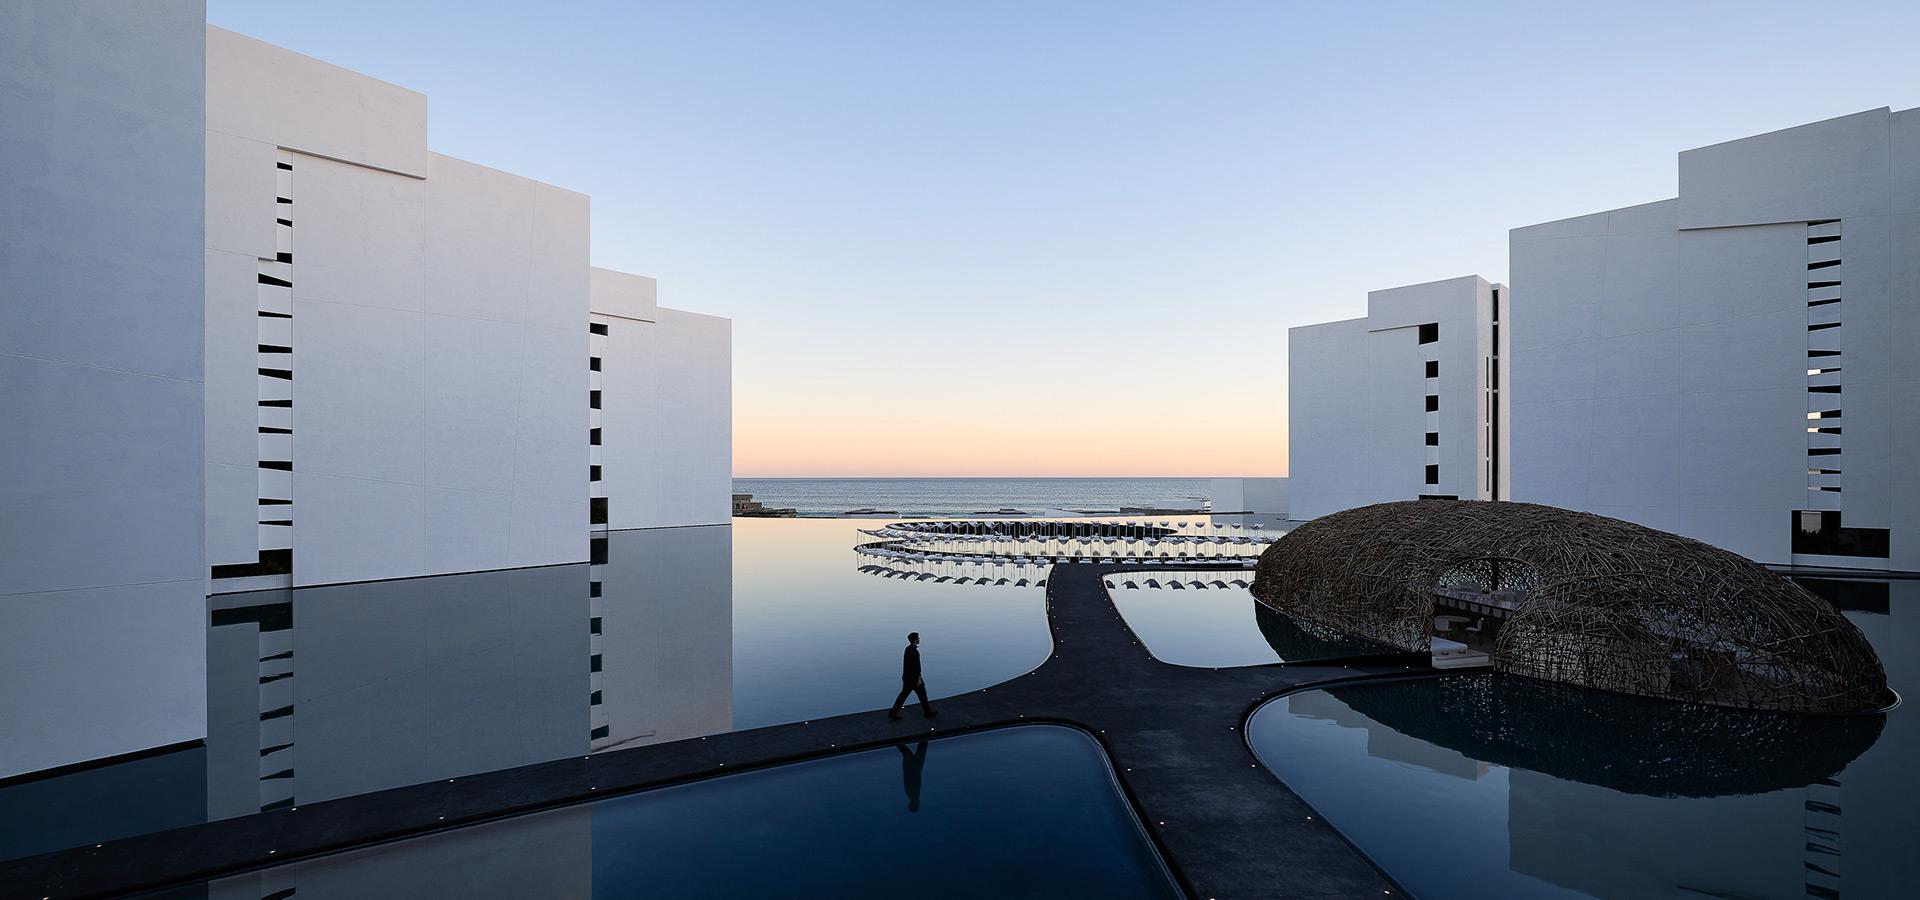 mar-adento-hotel_01miguel-aragones